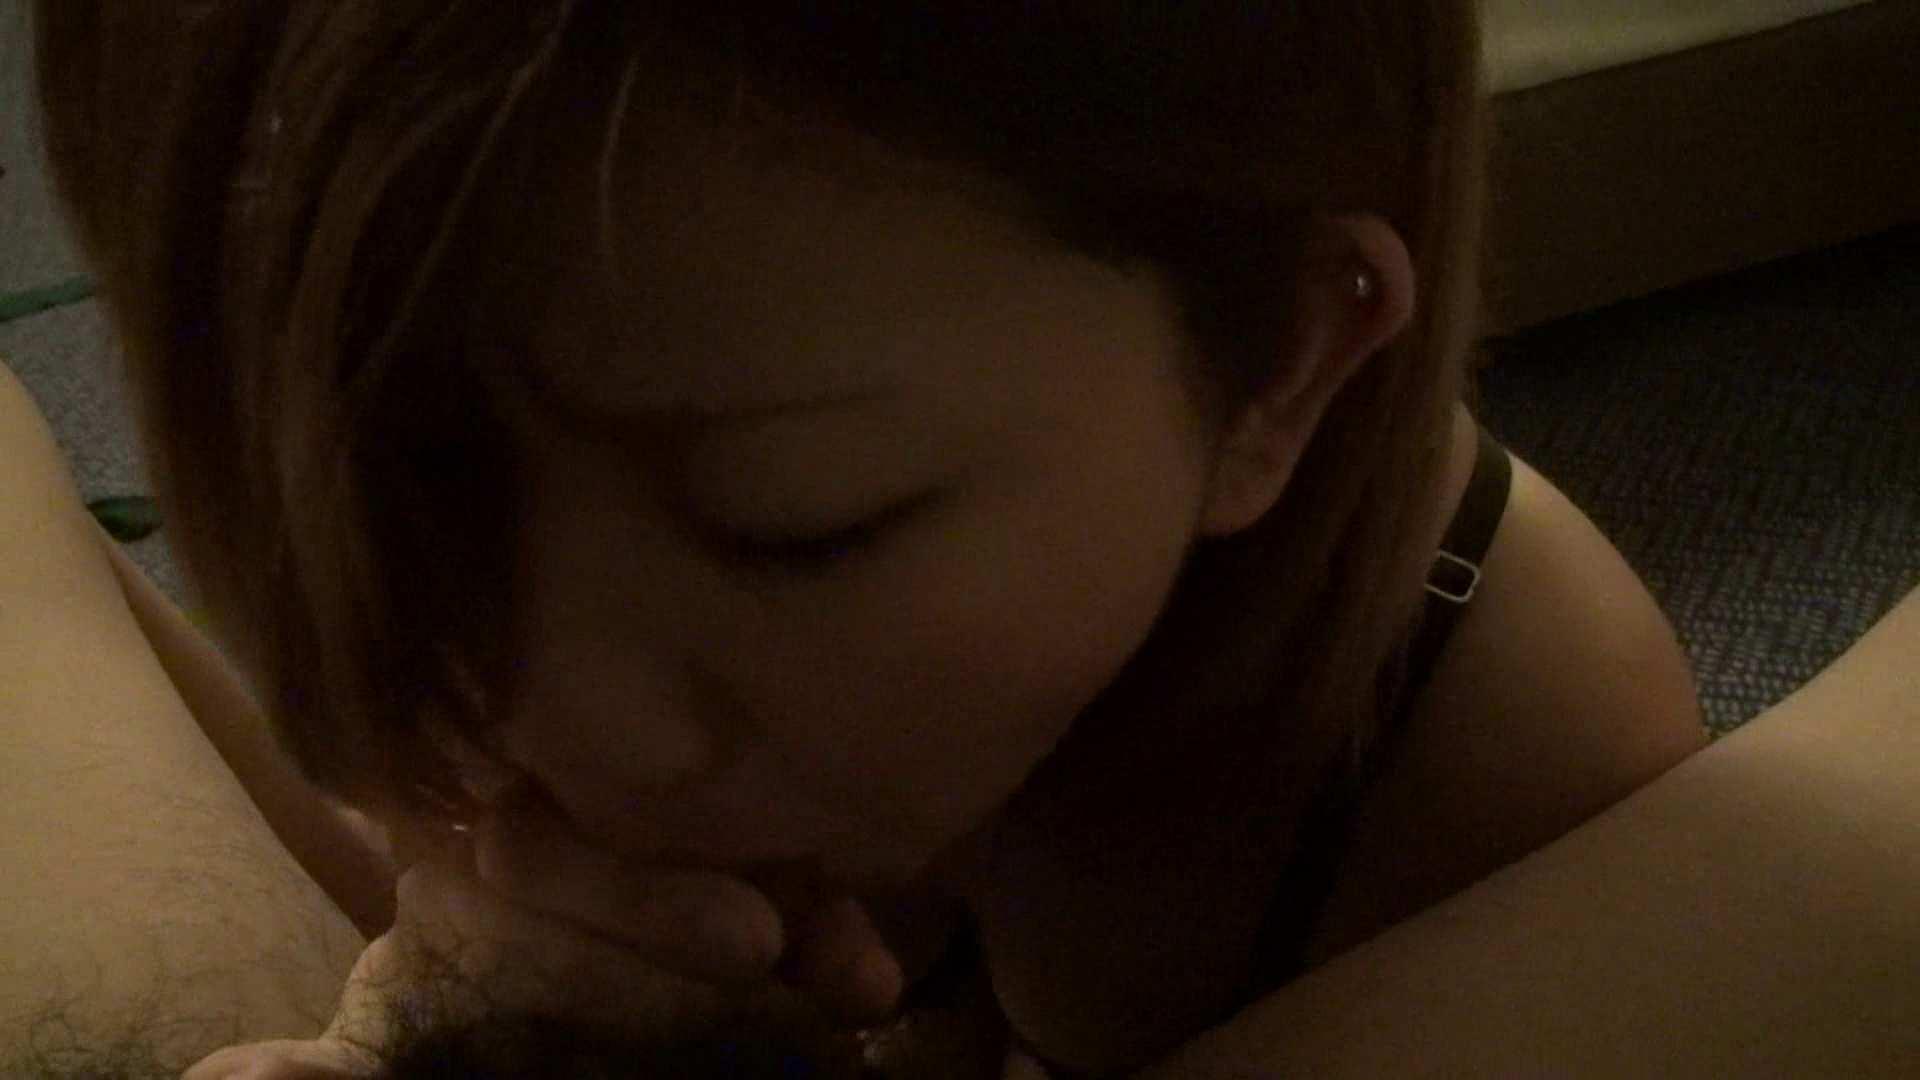 【悪戯の前】大助さんとの初めての撮影(まれまでと違って本人の意思としては・・・) 悪戯 | 0  98pic 67